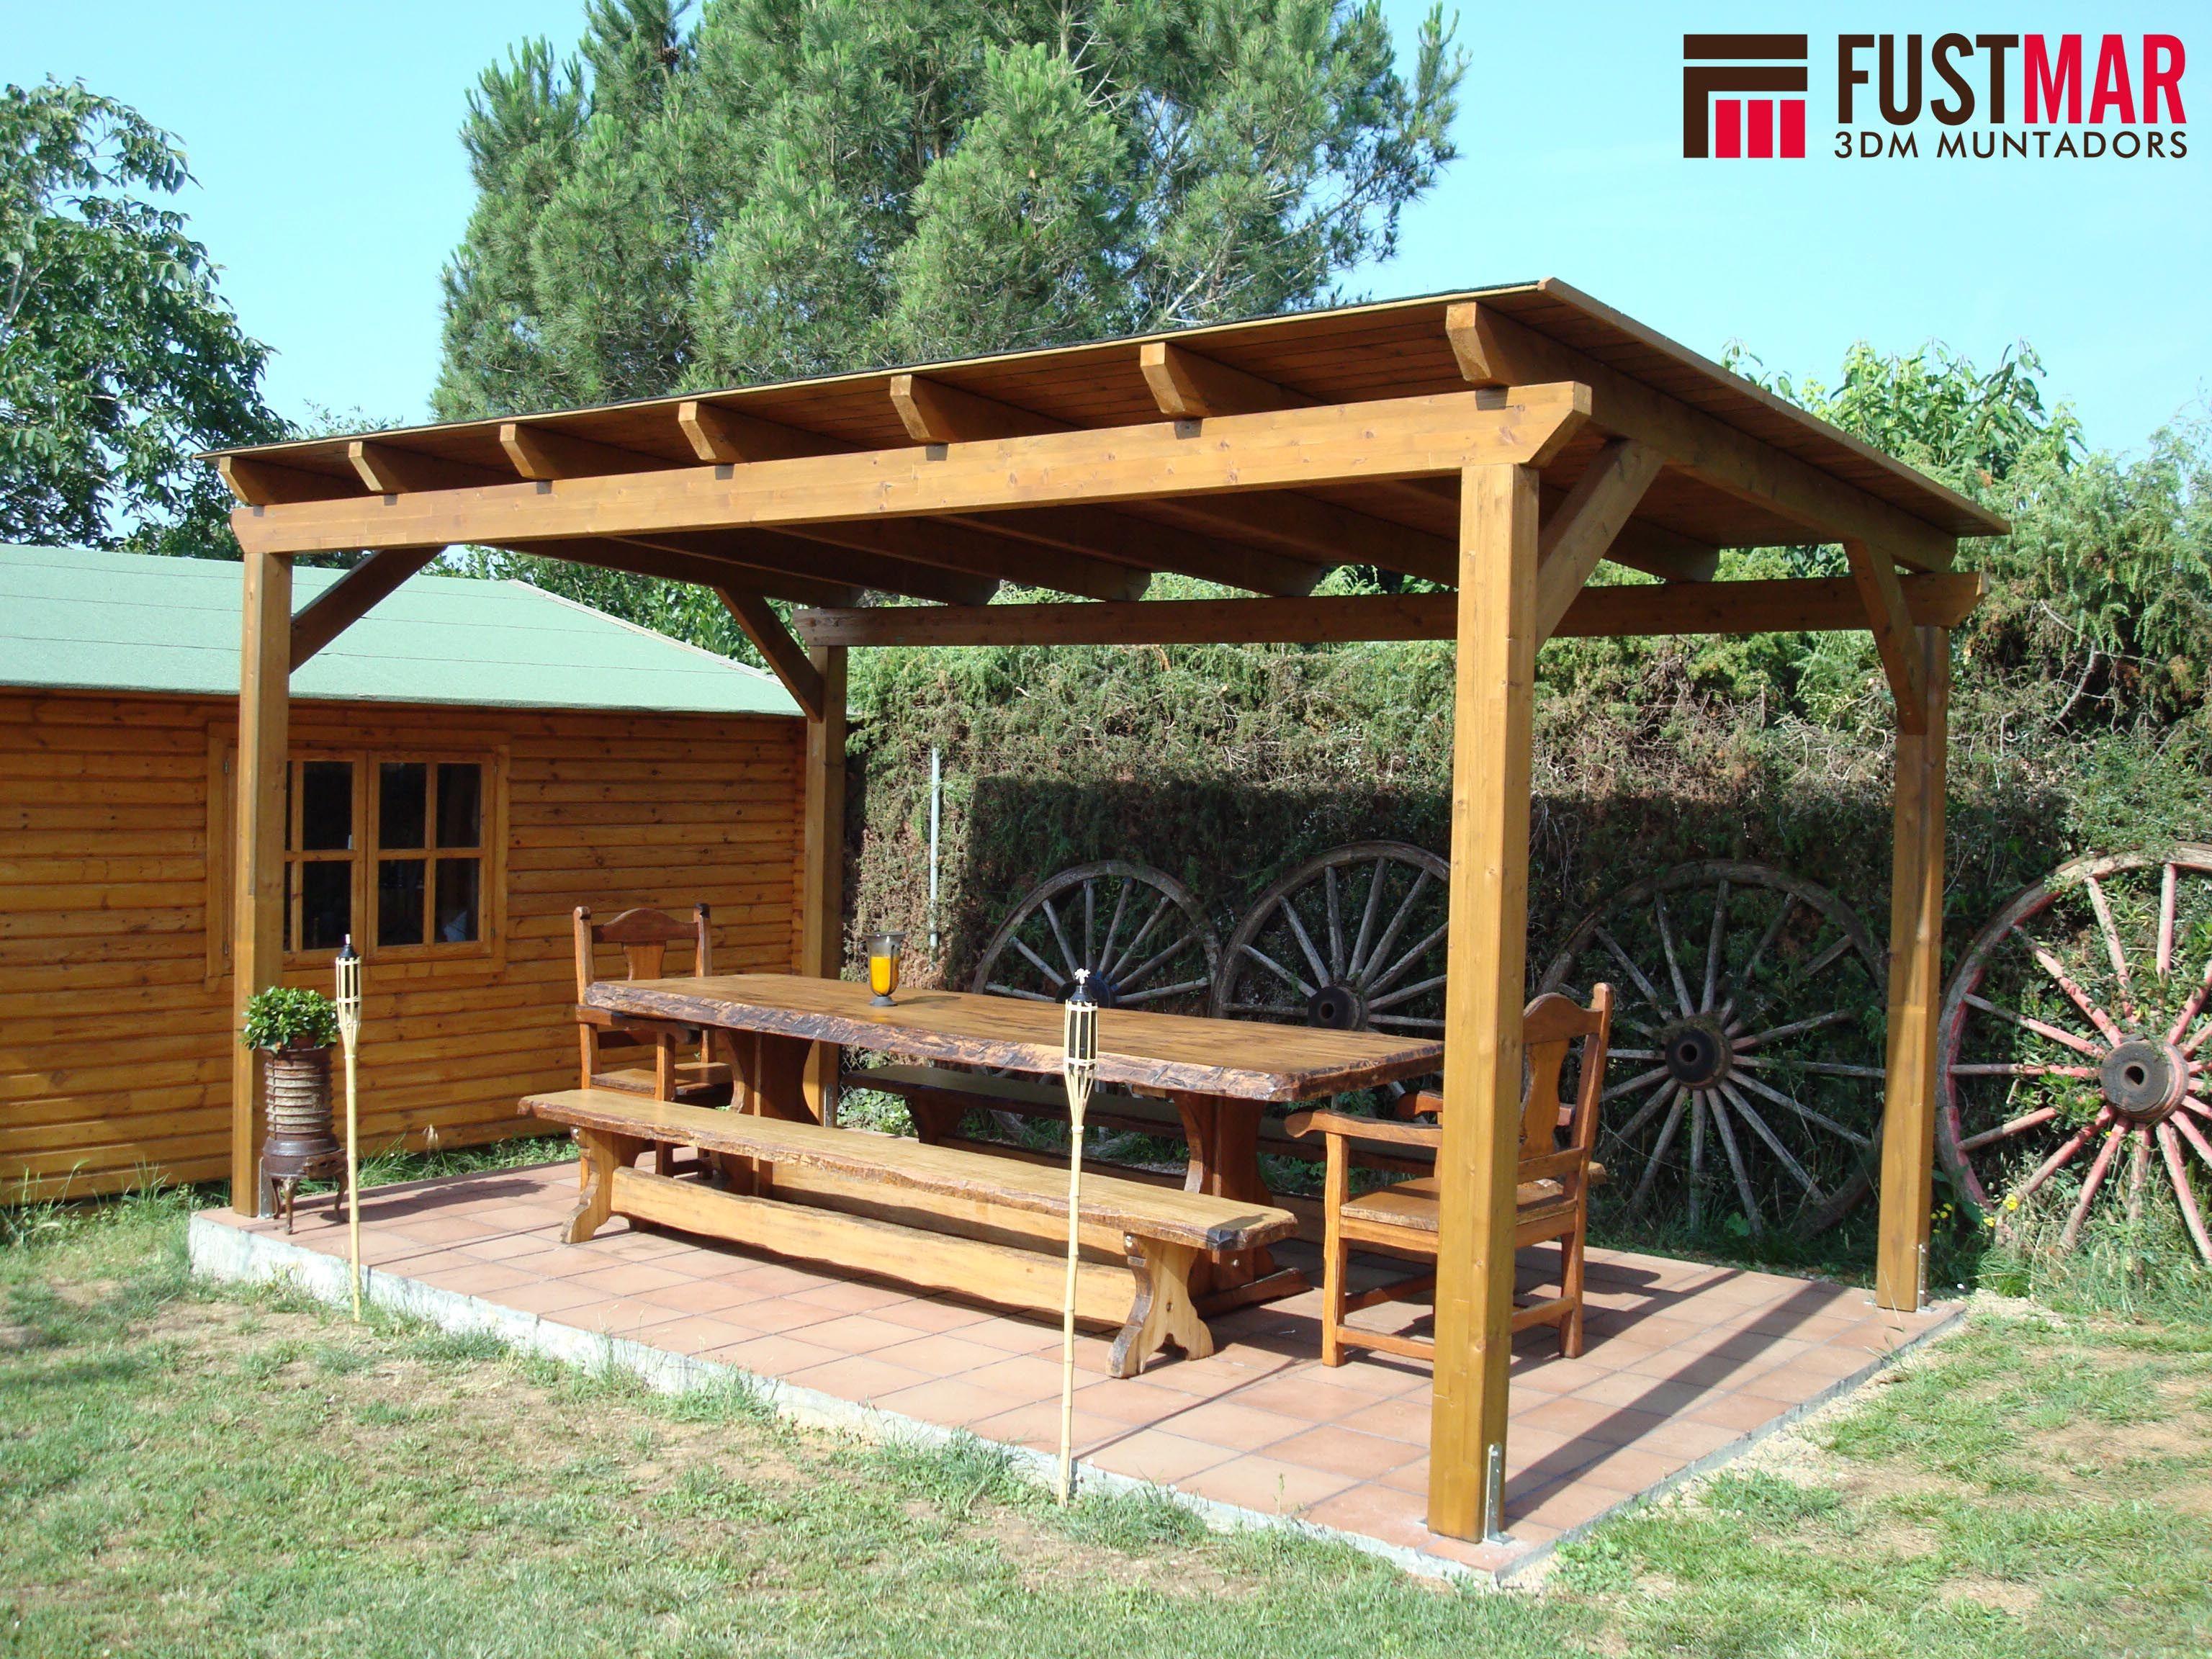 Pergola de madera de abeto laminado lasurado en color nogal con techo de madera machi - Techos pergolas ...